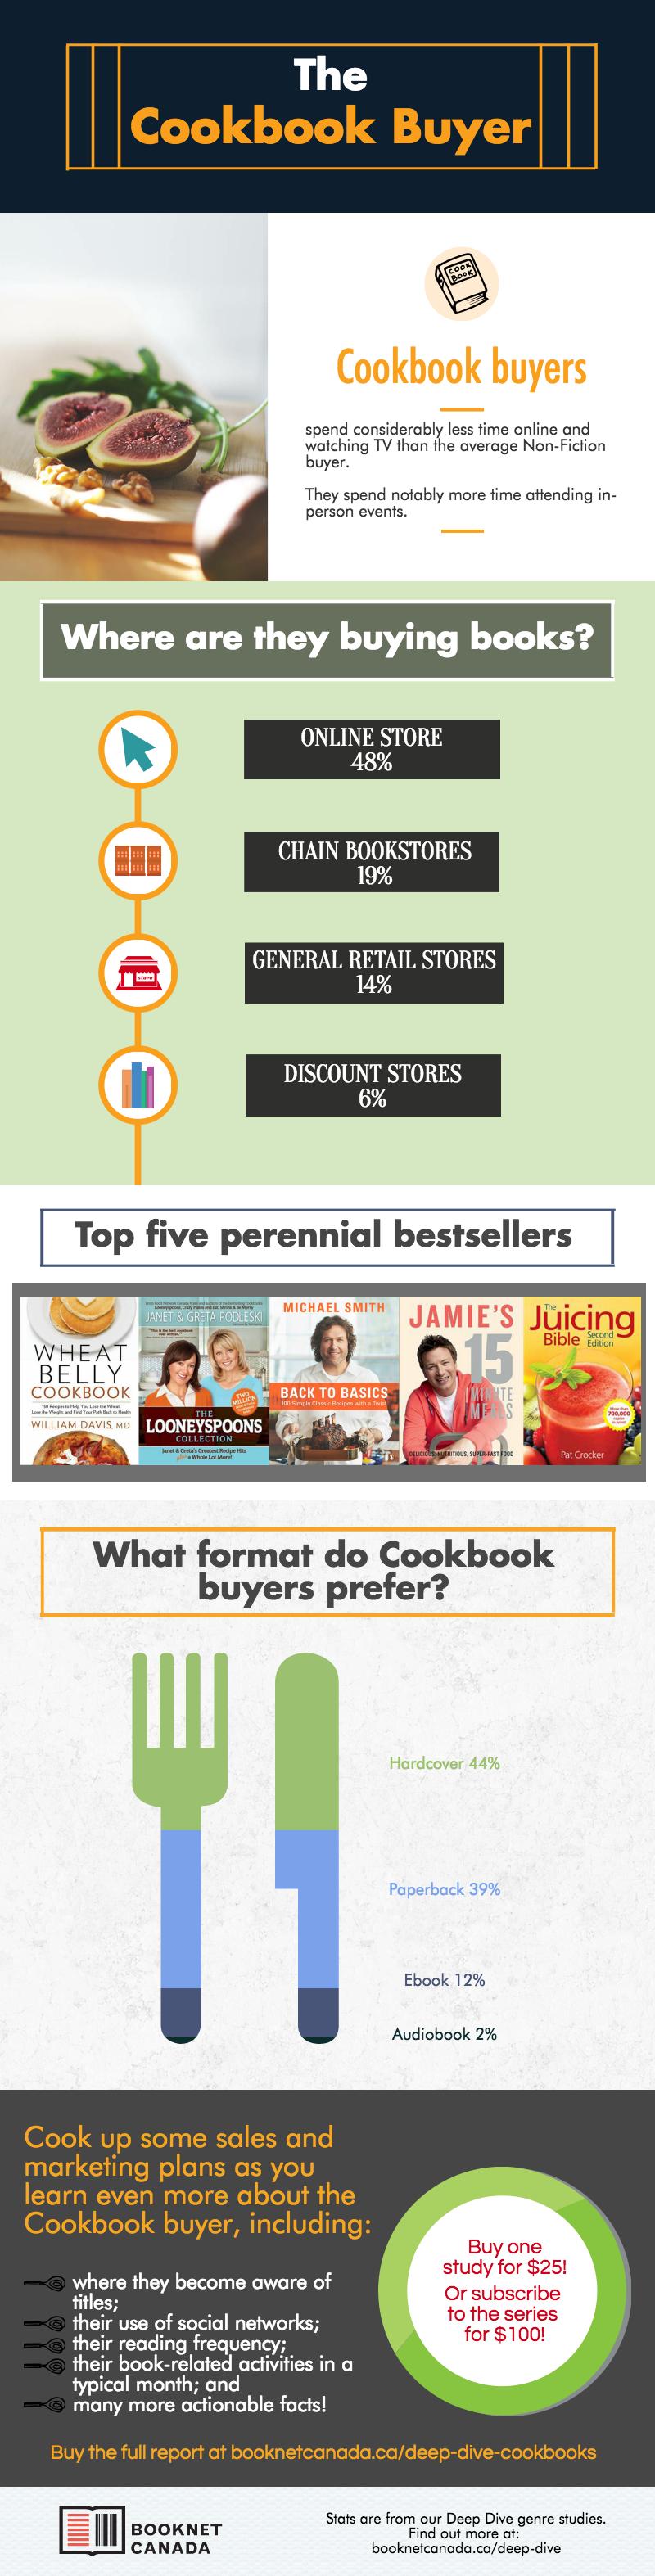 Cookbook buyer infographic